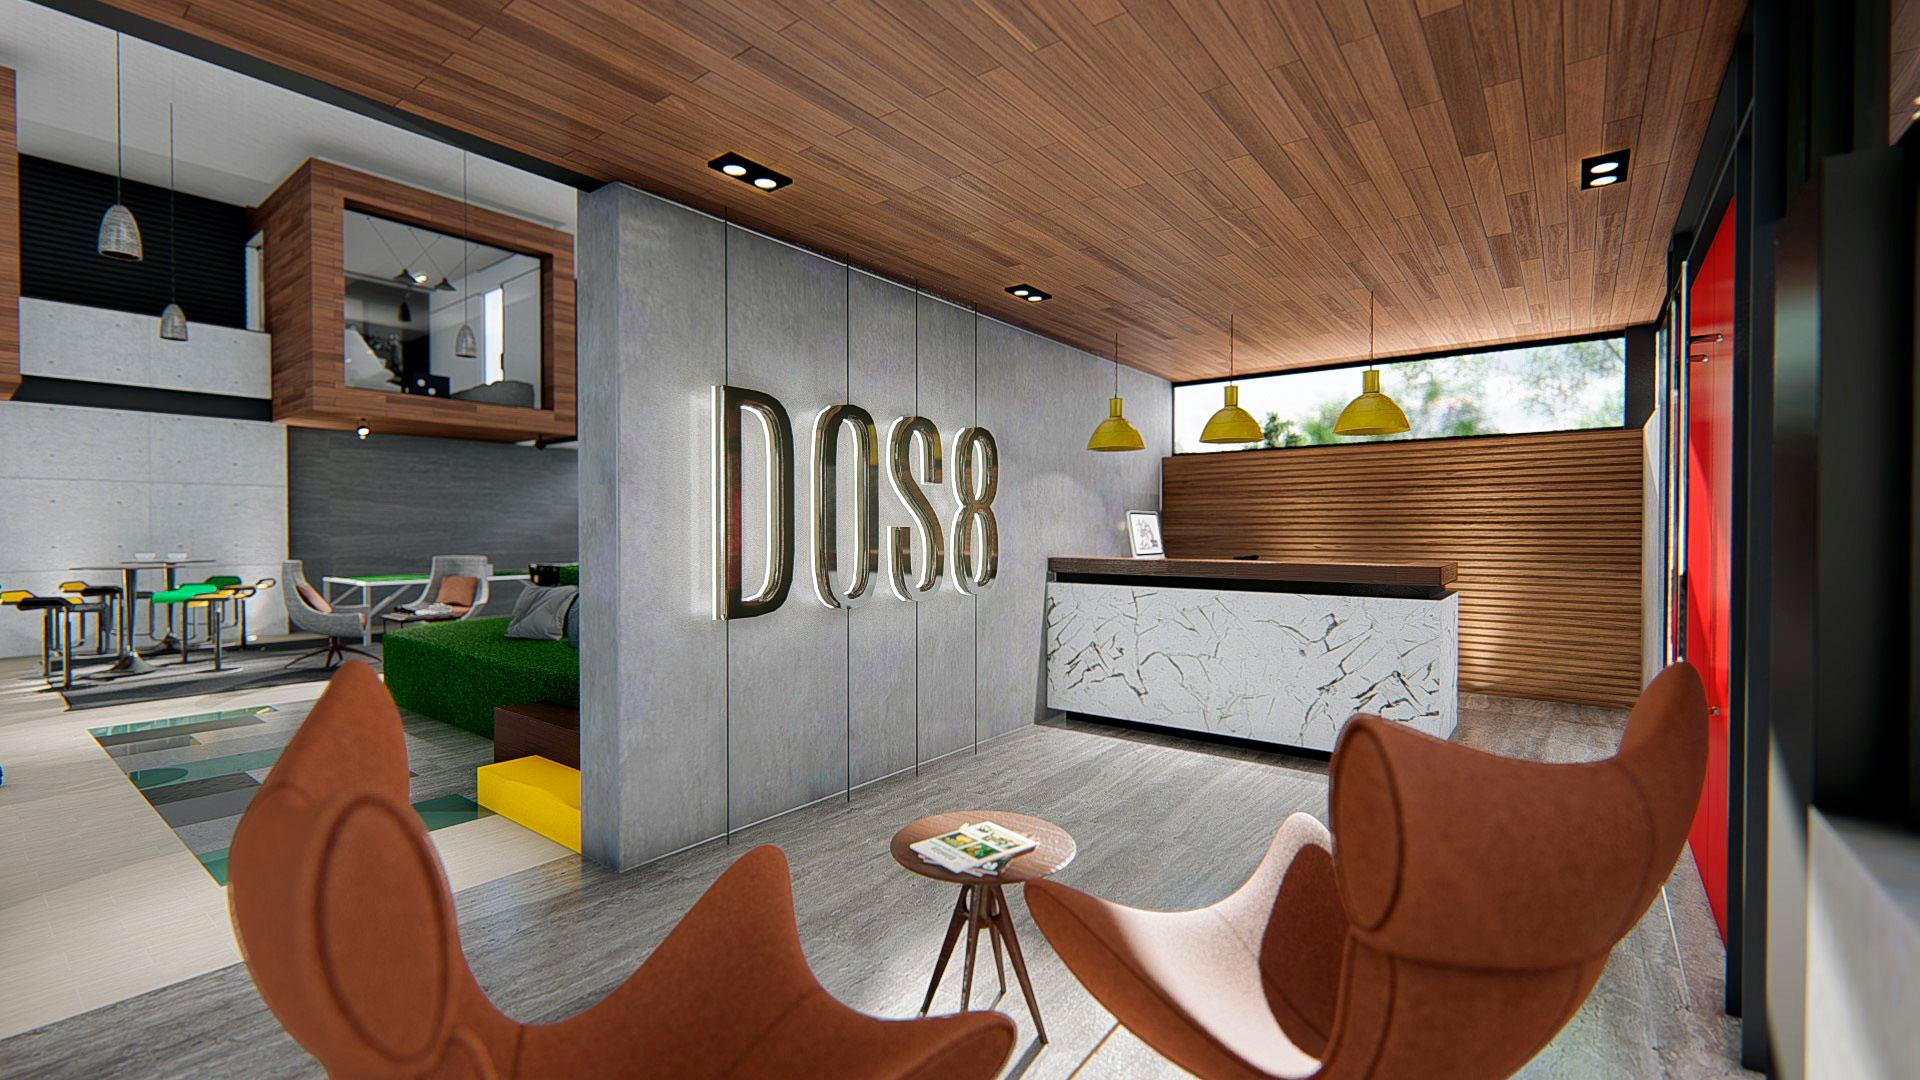 Portf-Dos8-04